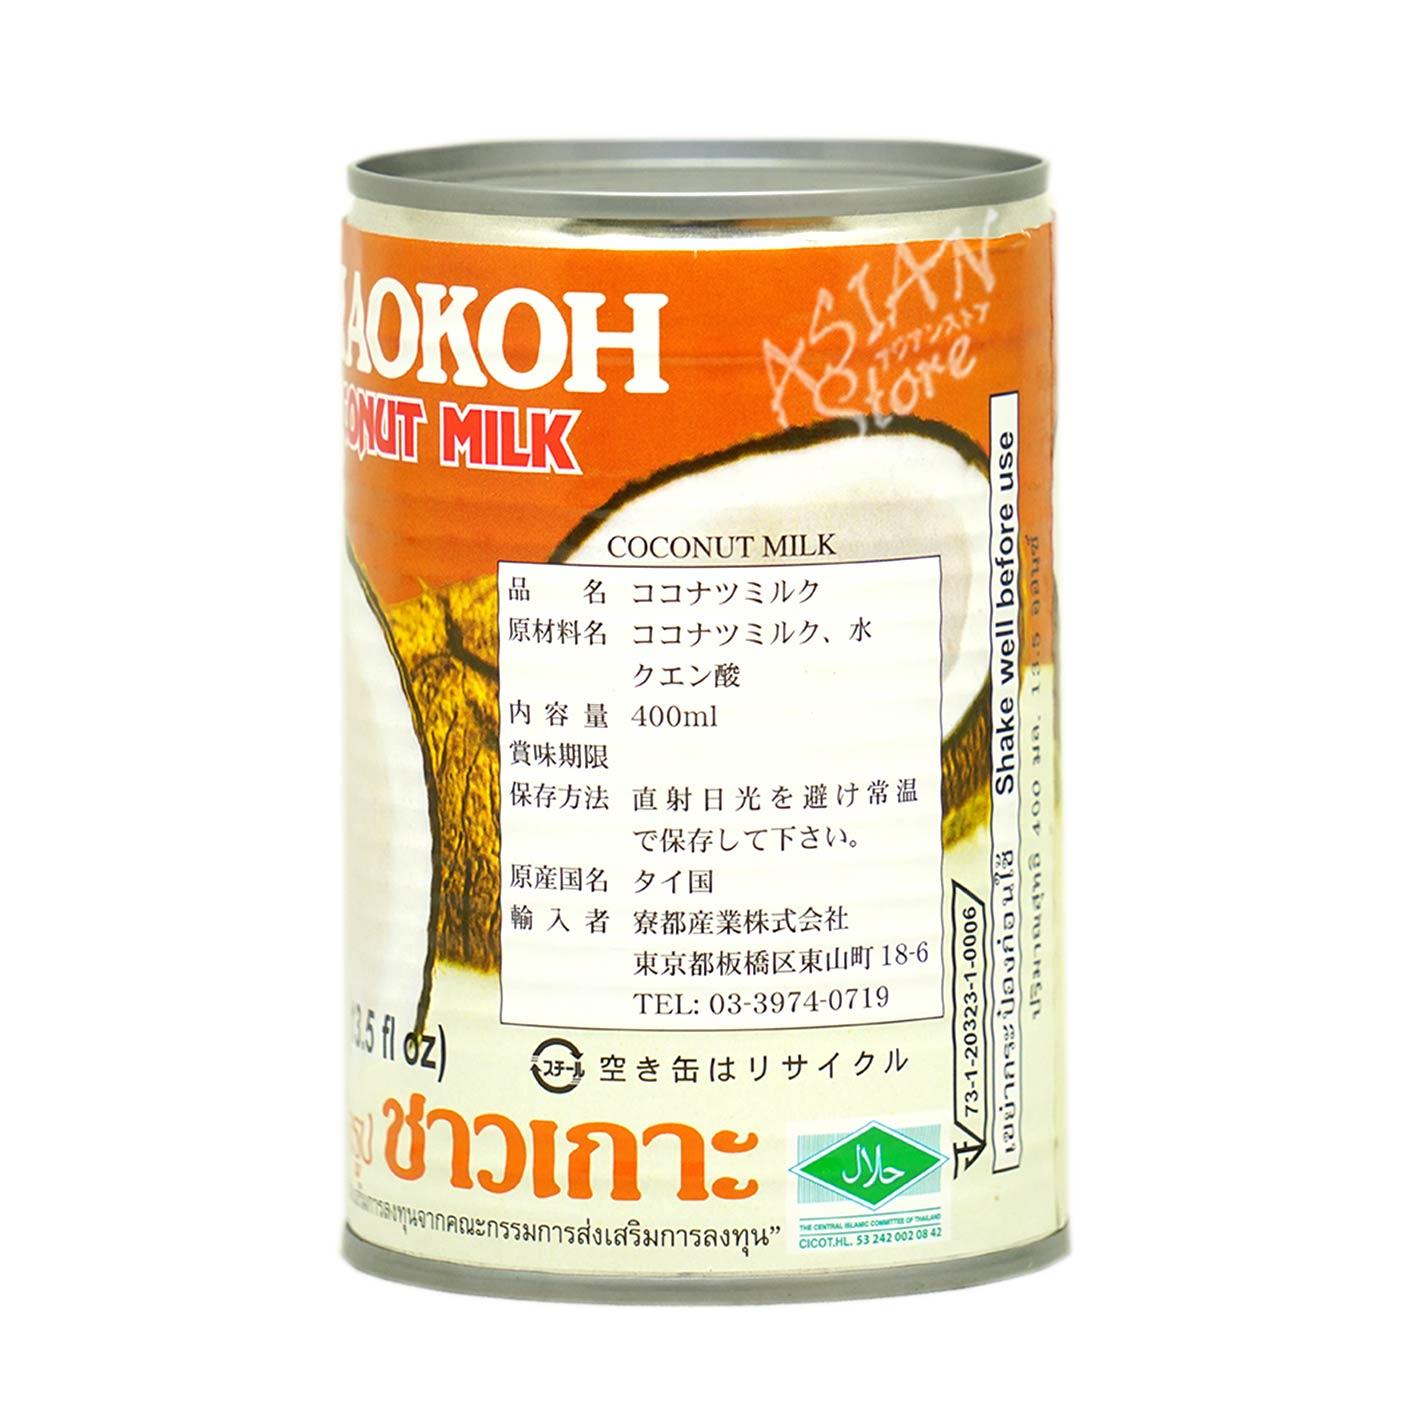 【常温便】ココナッツミルク/CHAOKOH椰漿400ml